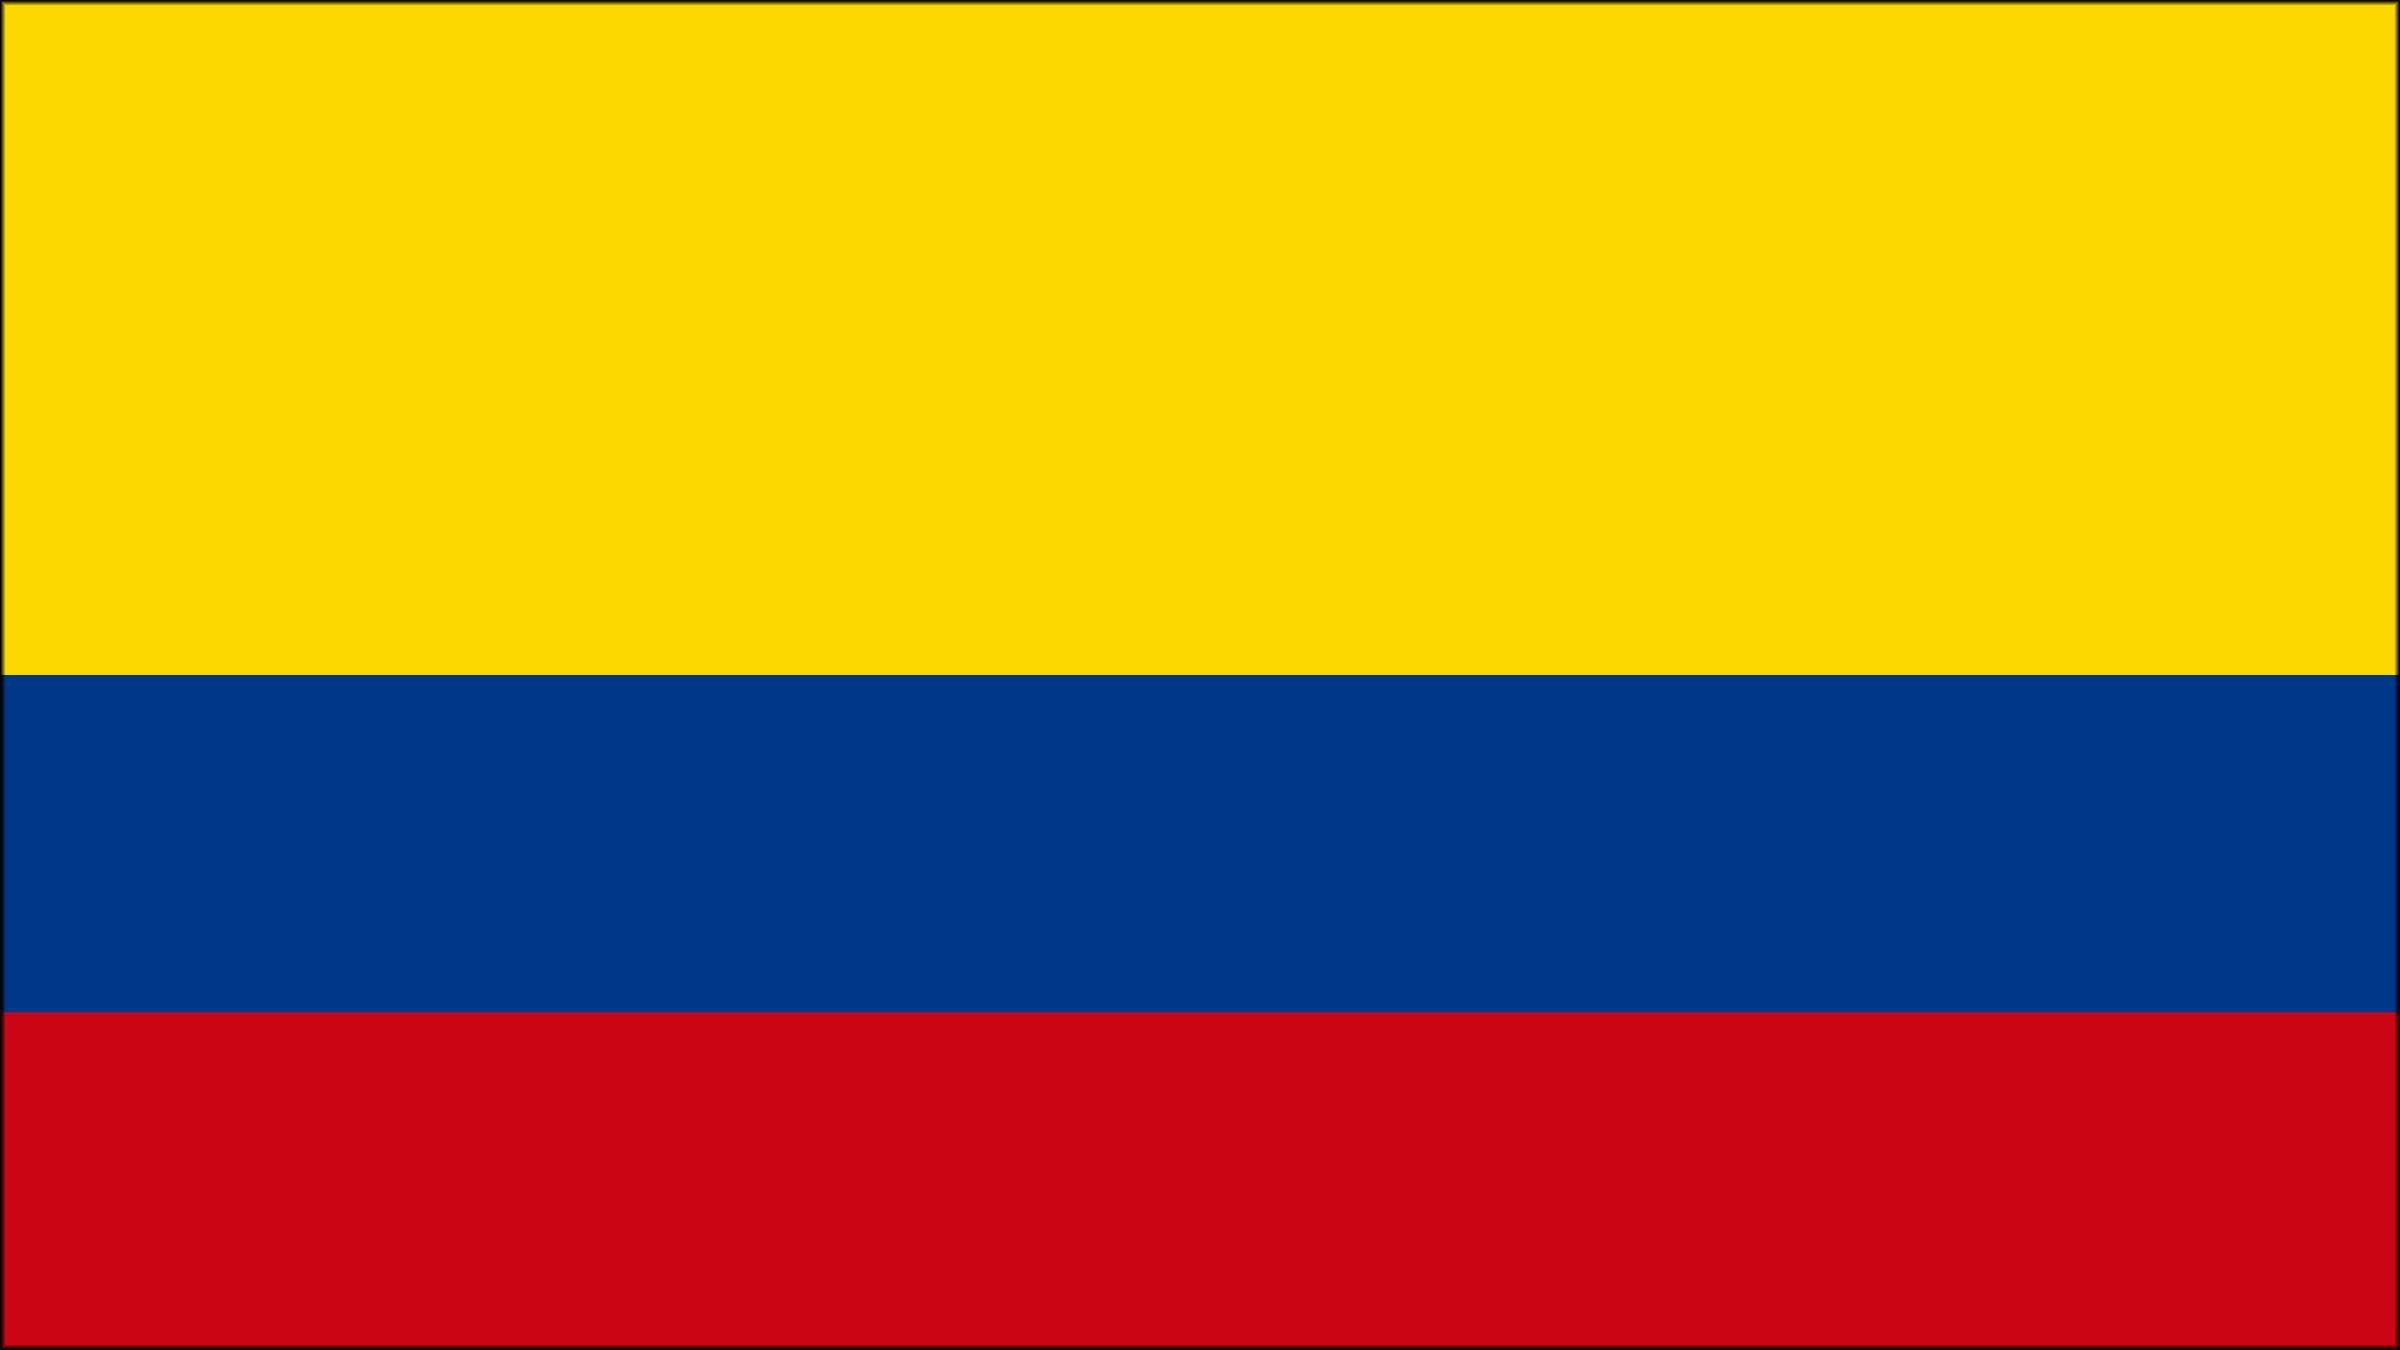 La bandera representativa de Colombia